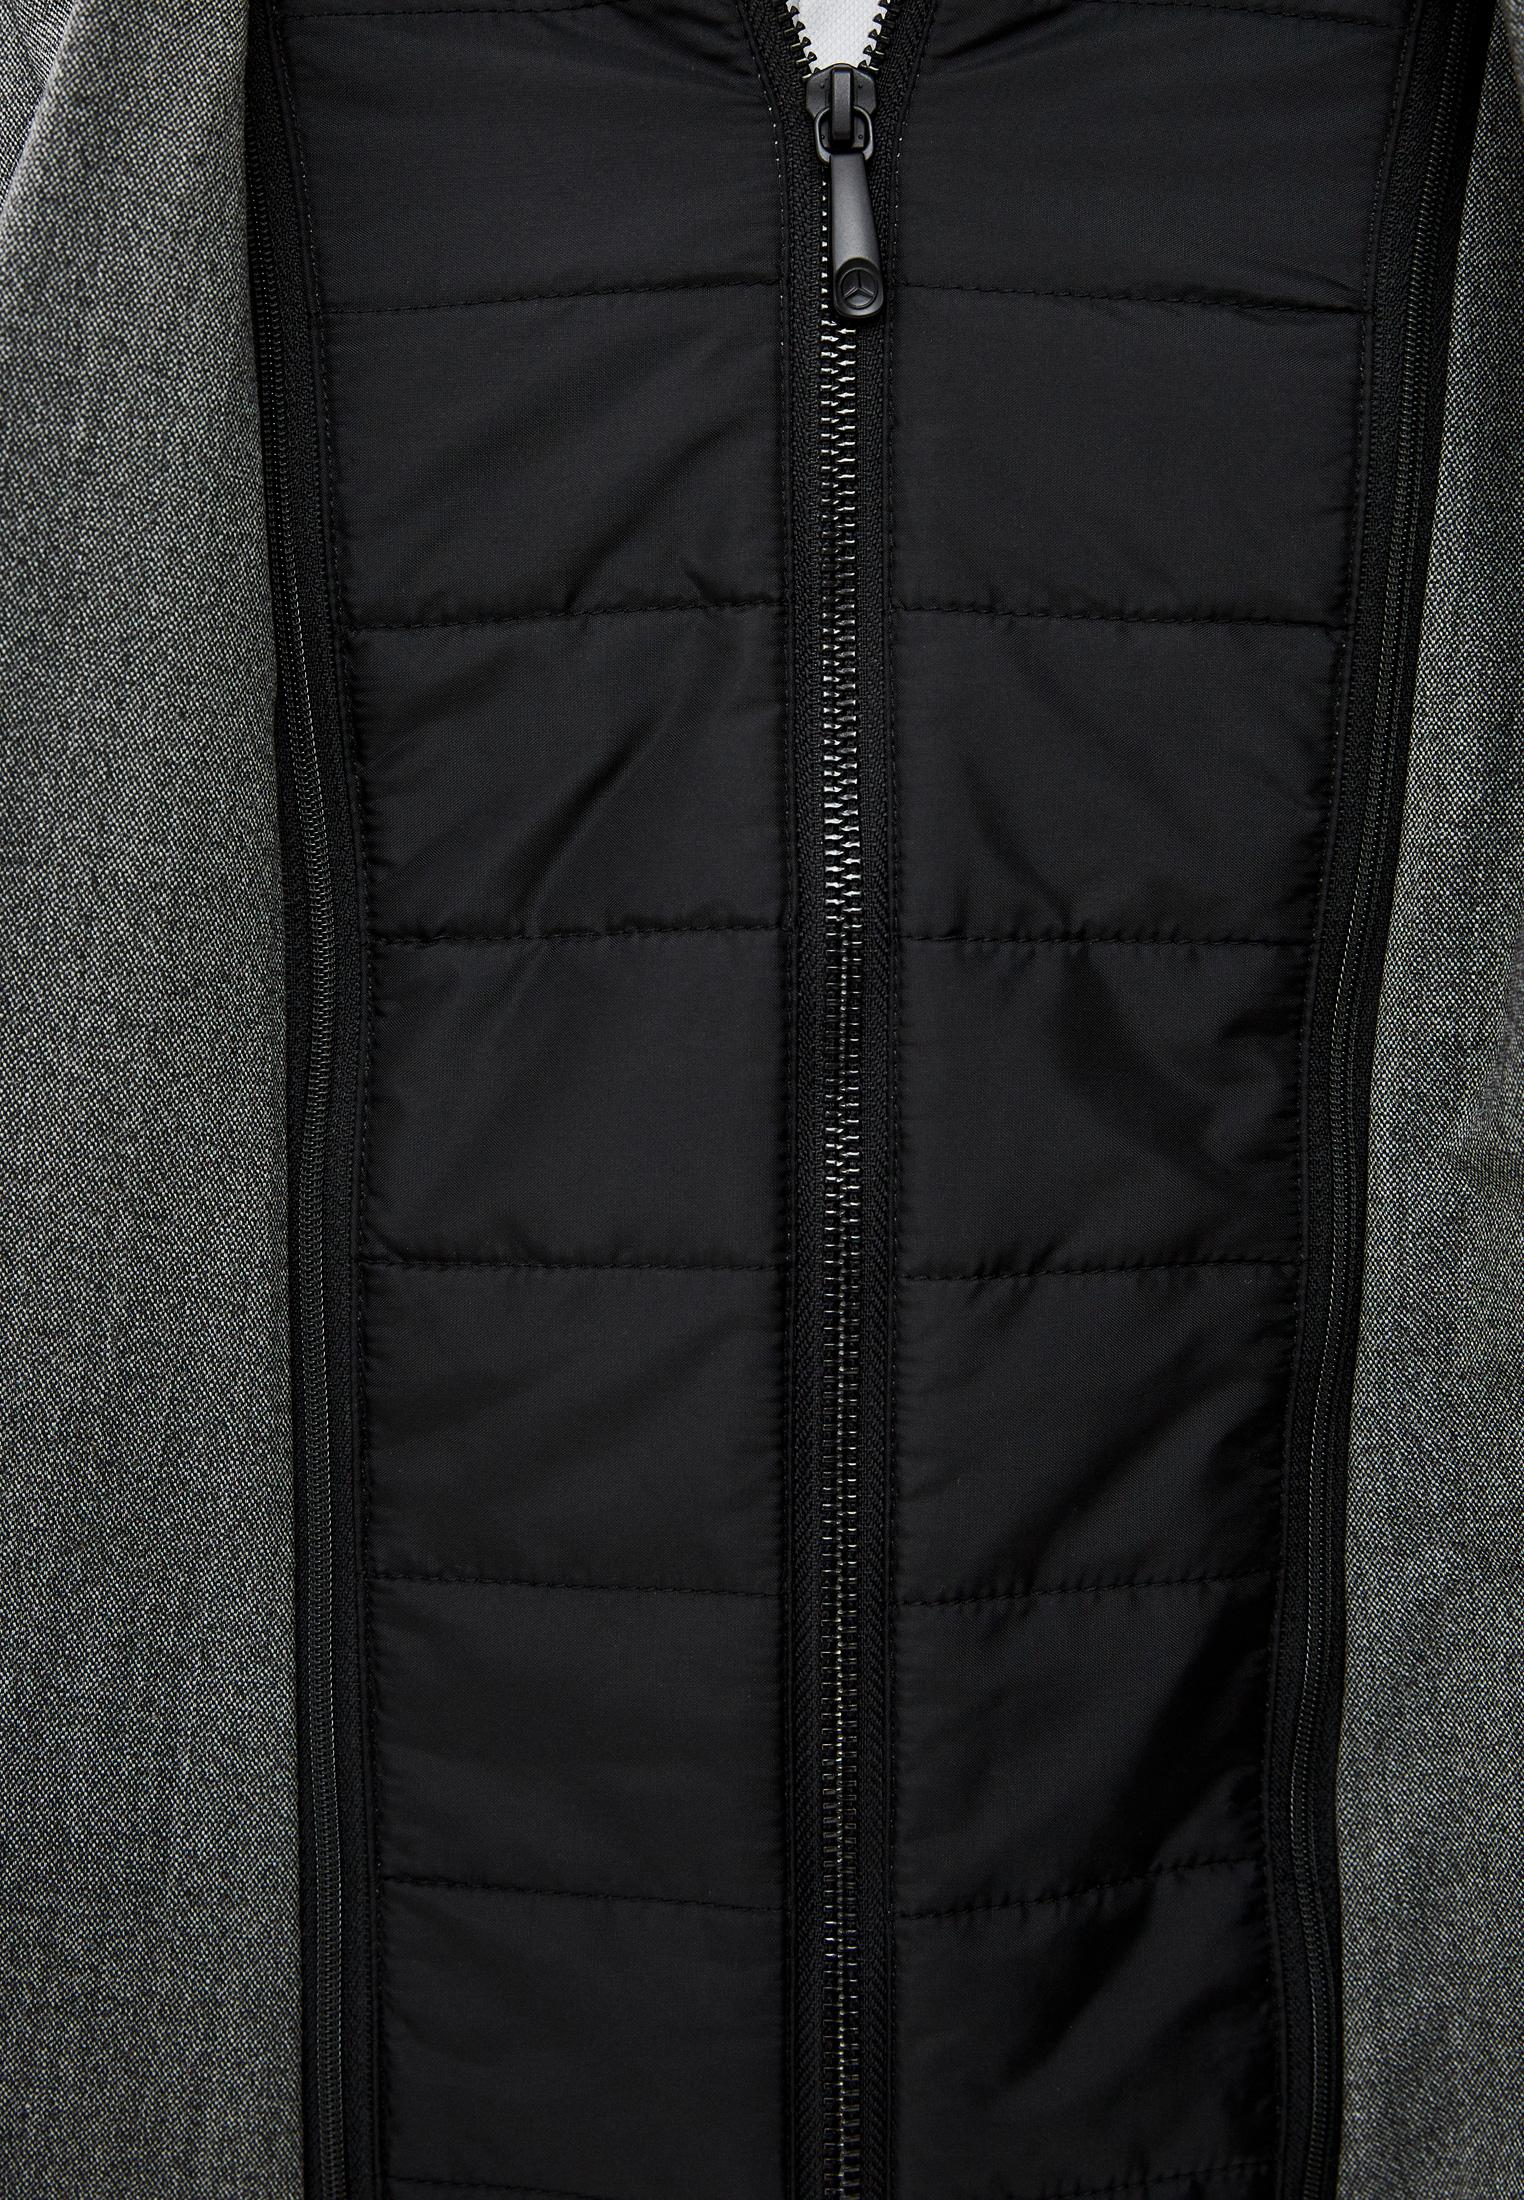 Пиджак Tommy Hilfiger (Томми Хилфигер) TT0TT08604: изображение 5